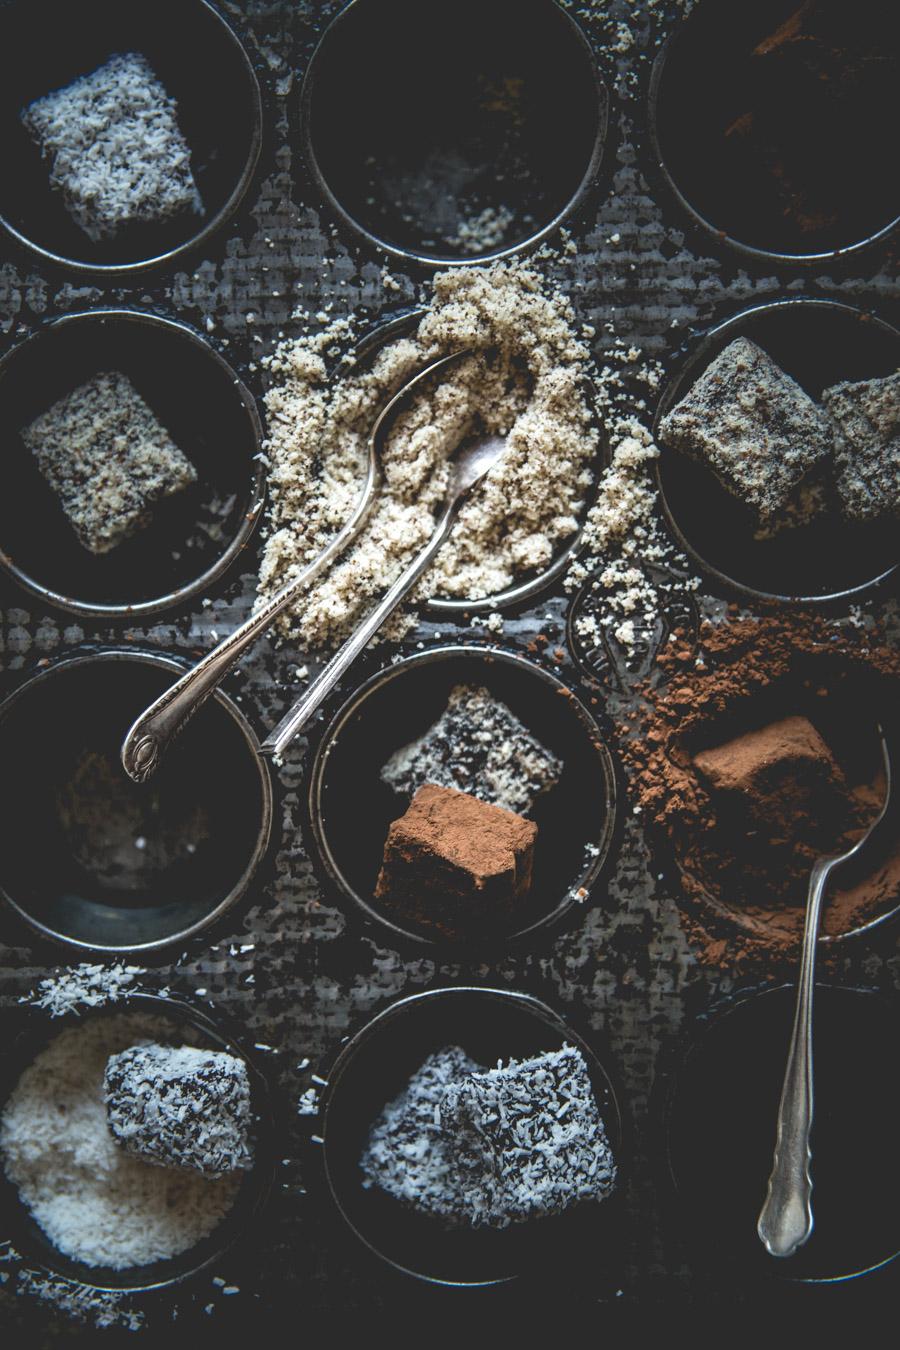 recette-classique-truffes-au-chocolat-noisettes-noix-de-coco-ophelie-lauret-ophelies-kitchen-book-36